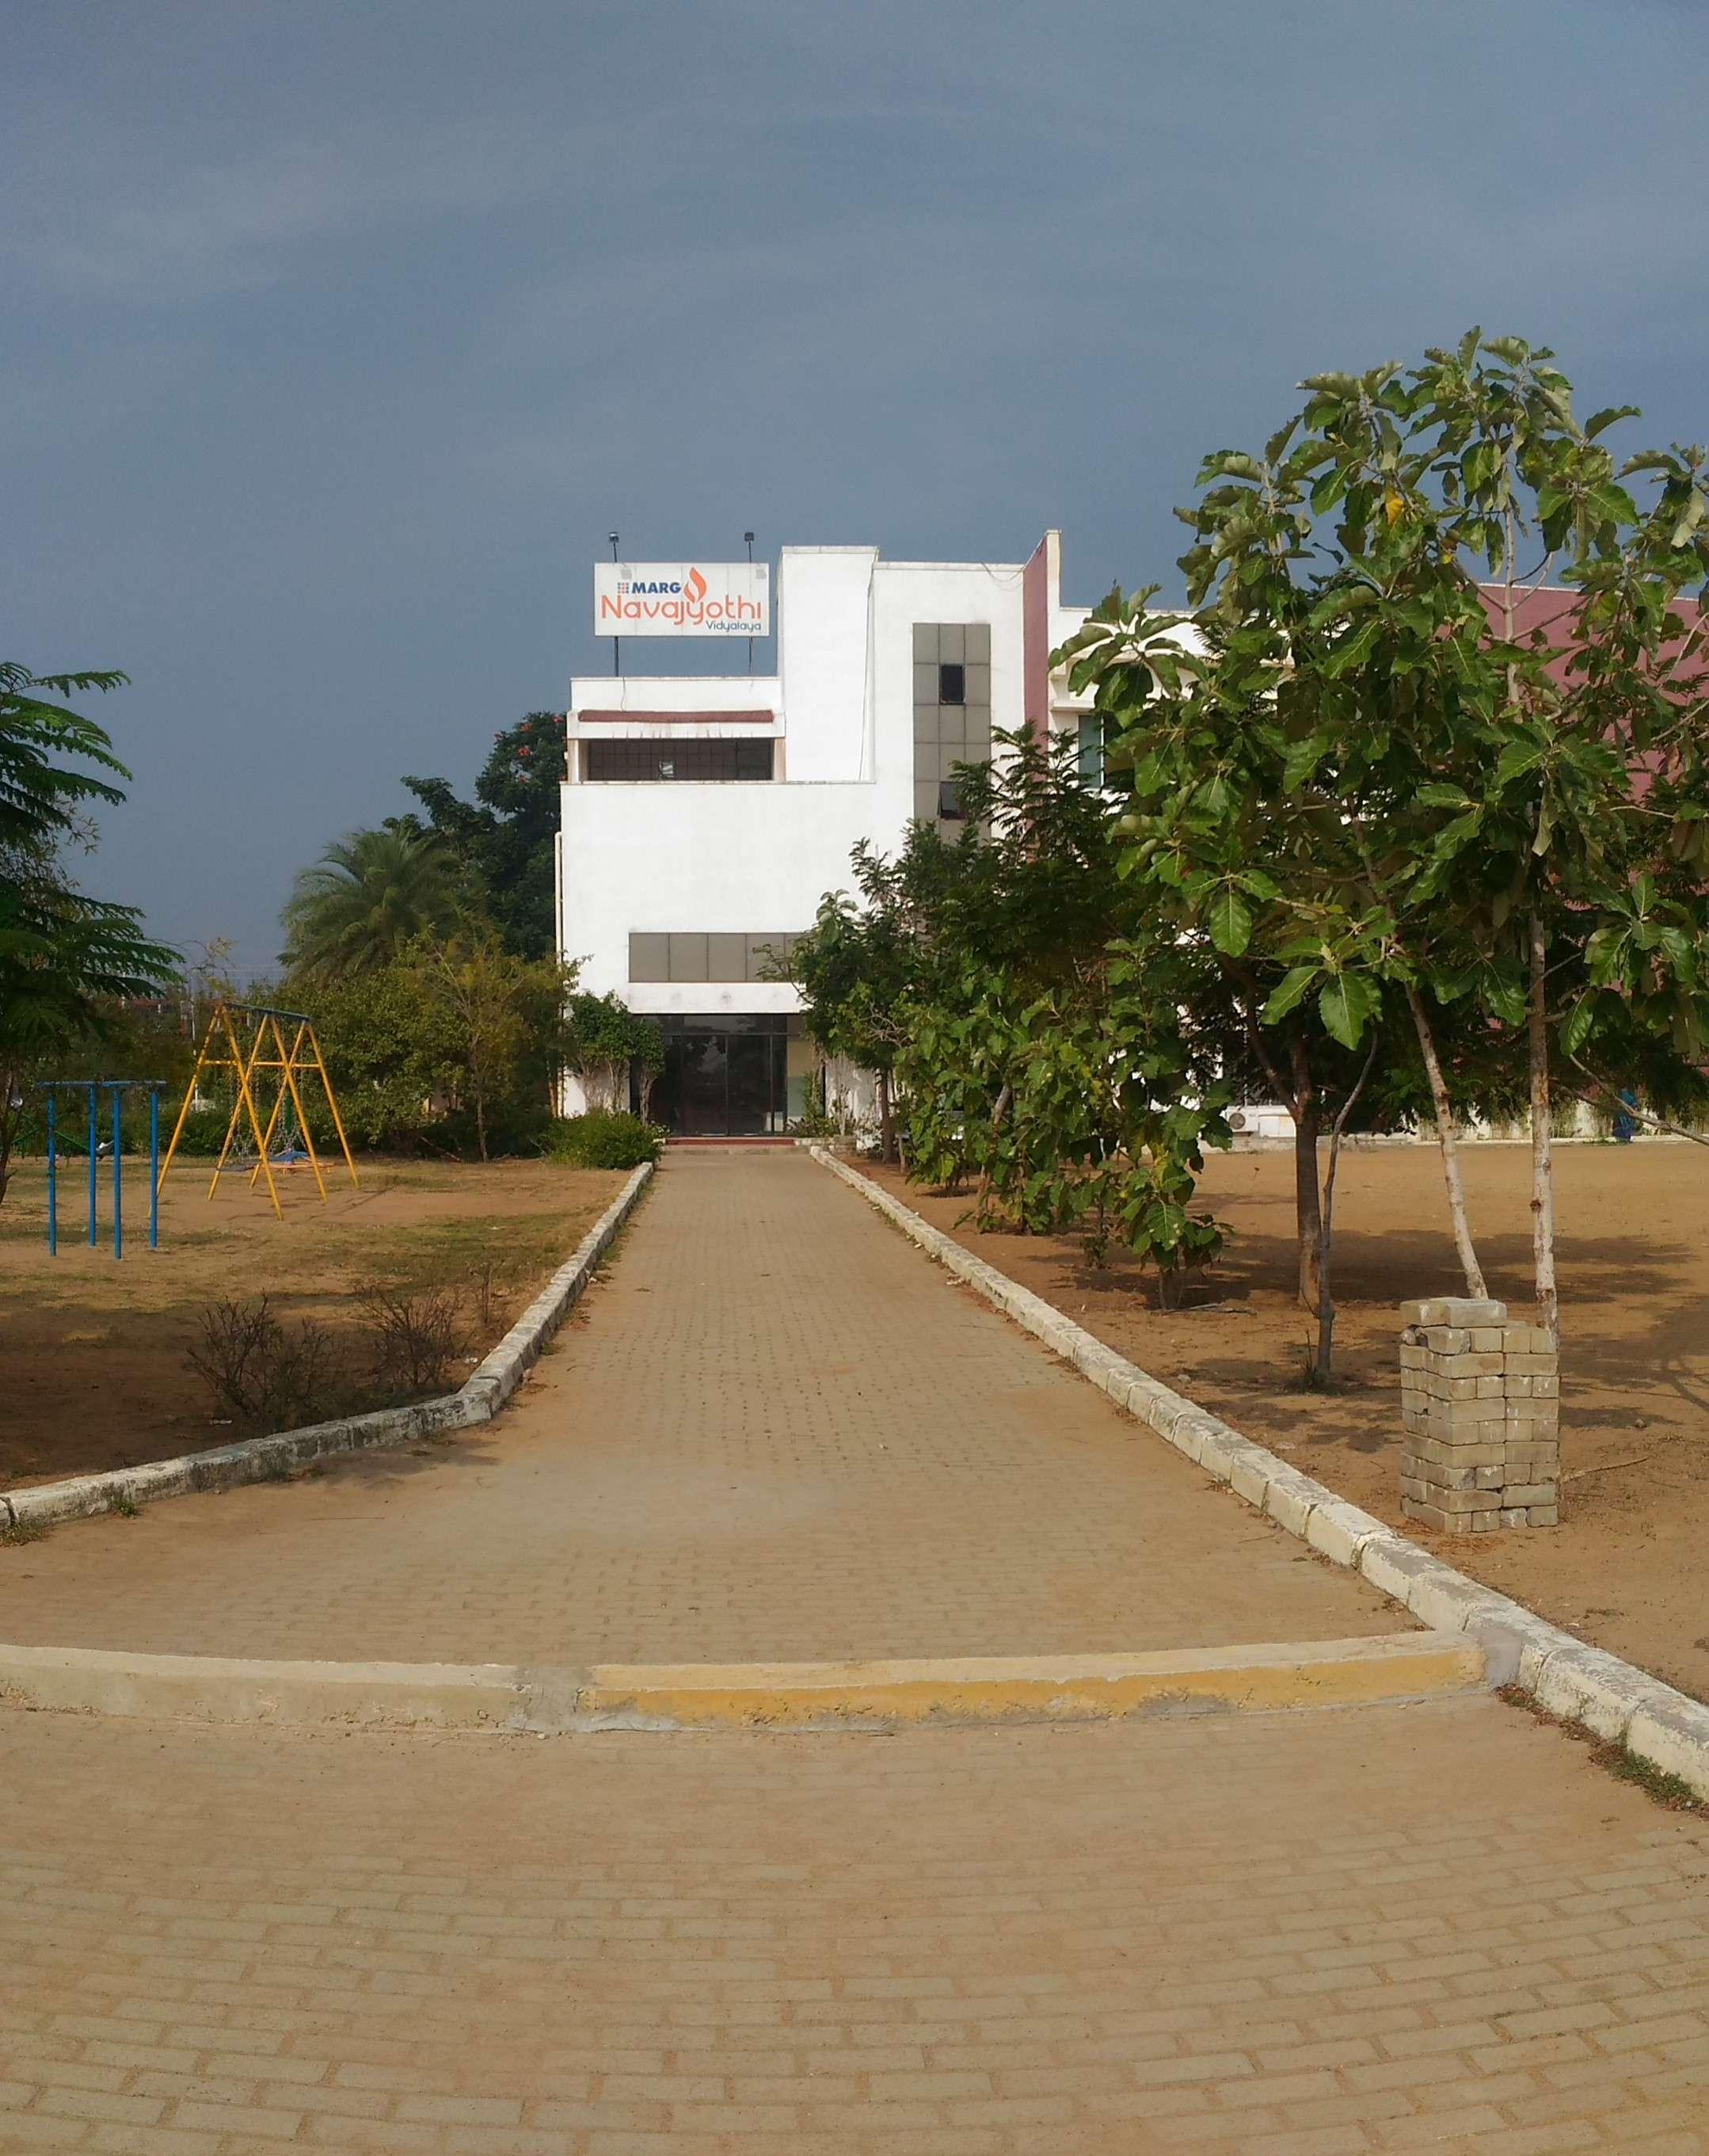 MARG NAVAJYOTHI VIDYALAYA Marg Swarnabhoomi SEZ ECR Road Vellore Village Seekanankuppam Panchayat Cheyyur Taluk Kanchipuram District 1930336